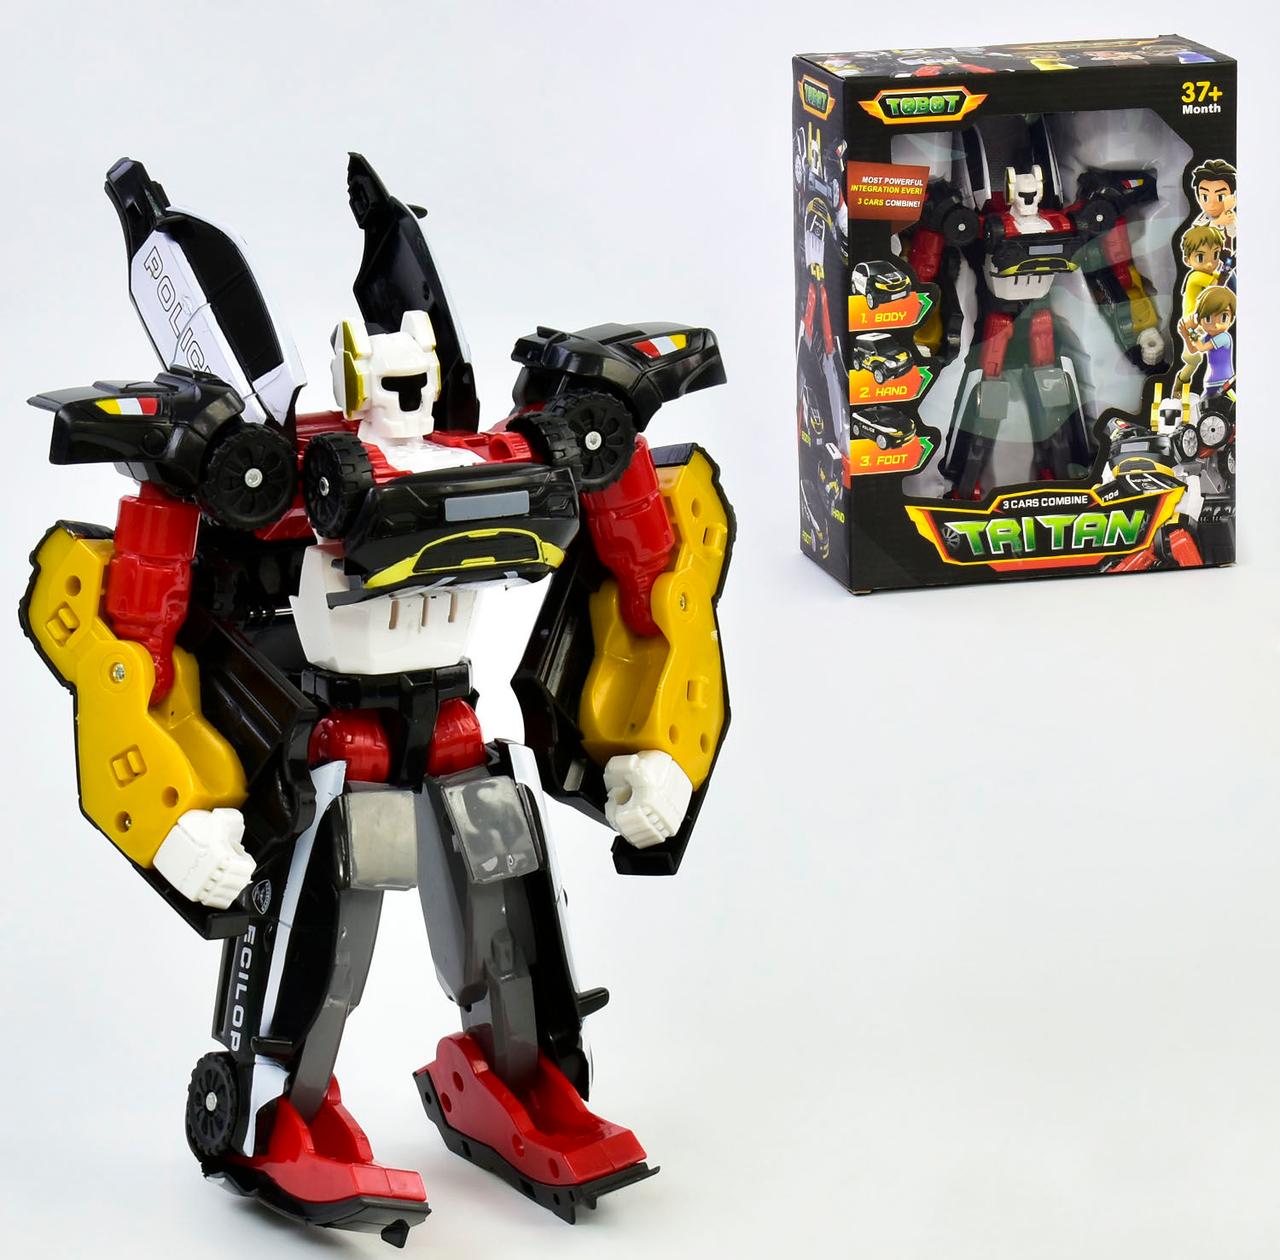 Робот машинка Трансформер для мальчика тобот Тритан Роботы трансформеры Игрушки роботы-трансформеры